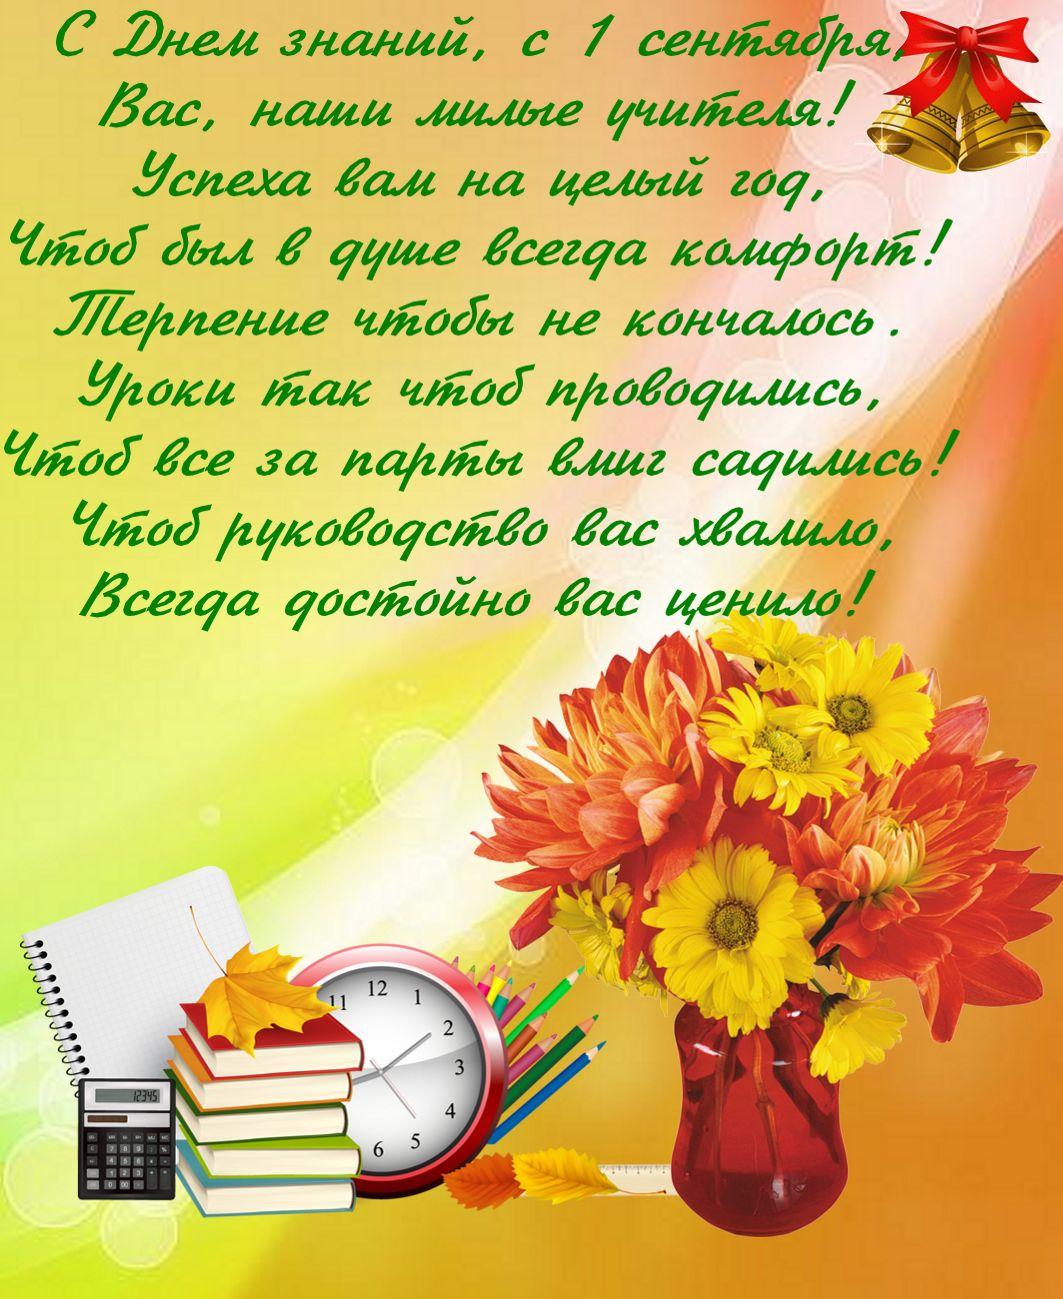 Поздравление для учителей на День знаний